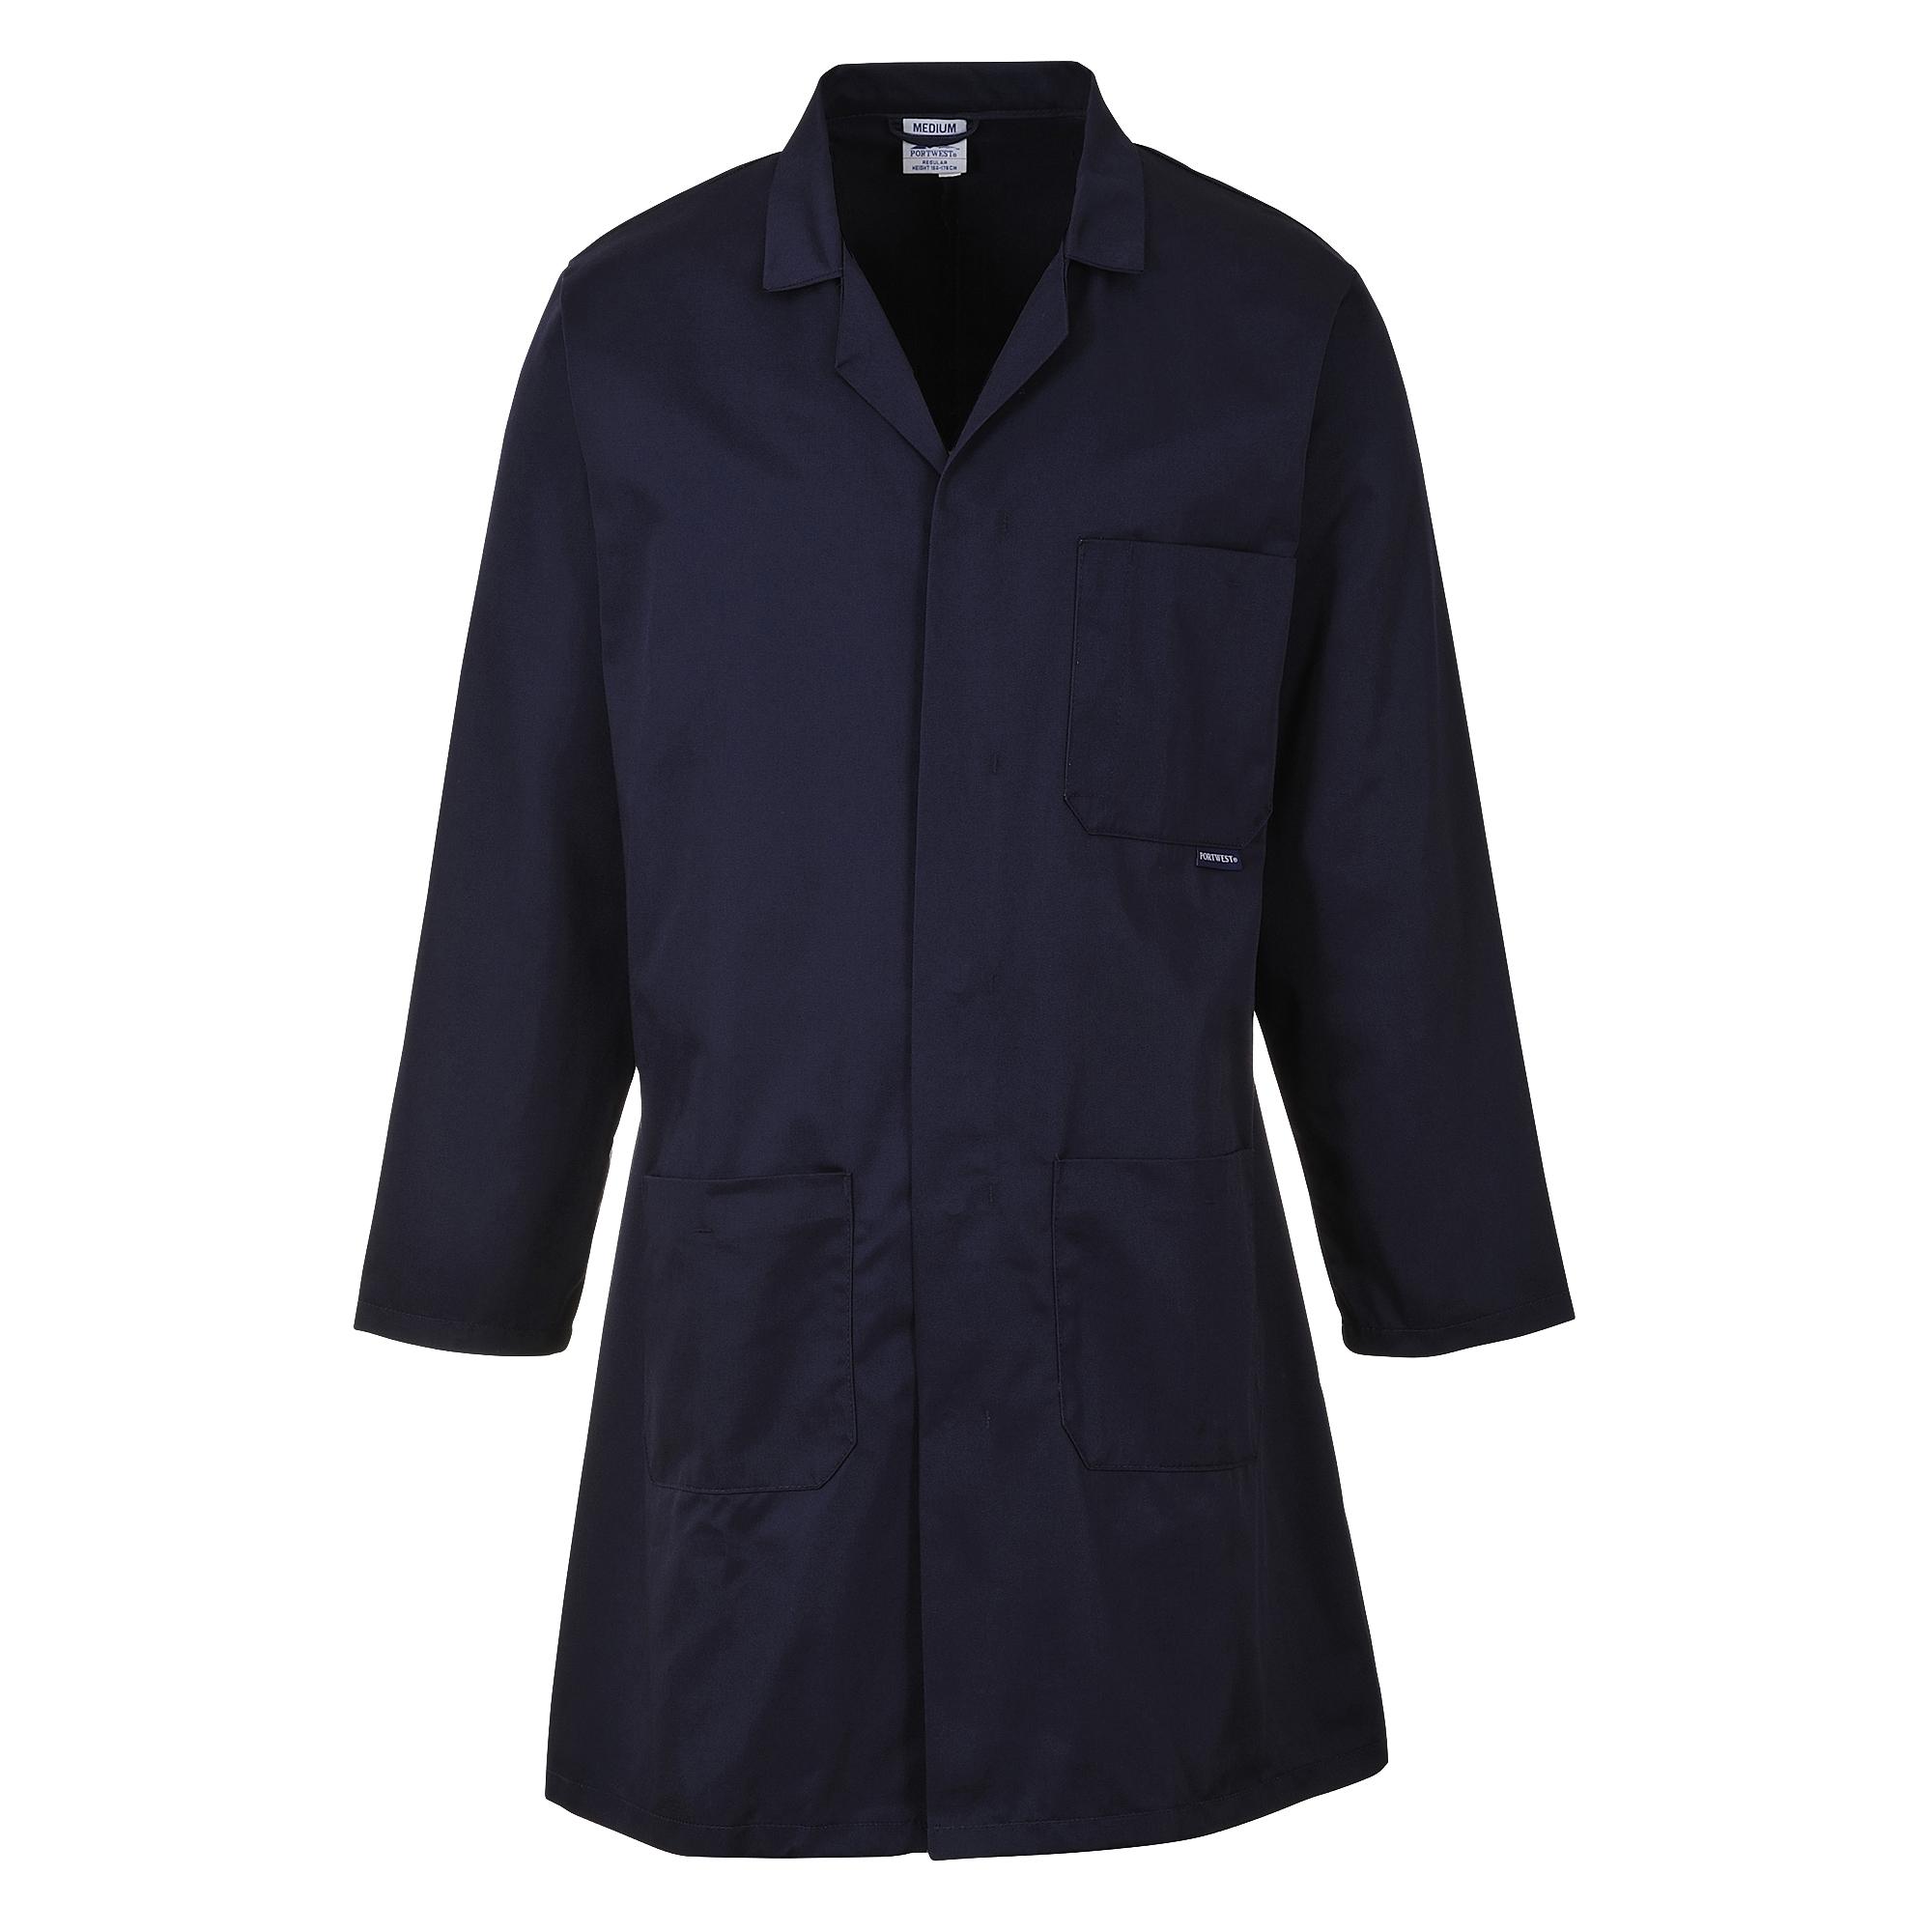 Portwest-Standard-Workwear-Lab-Coat-Medical-Health-RW2794